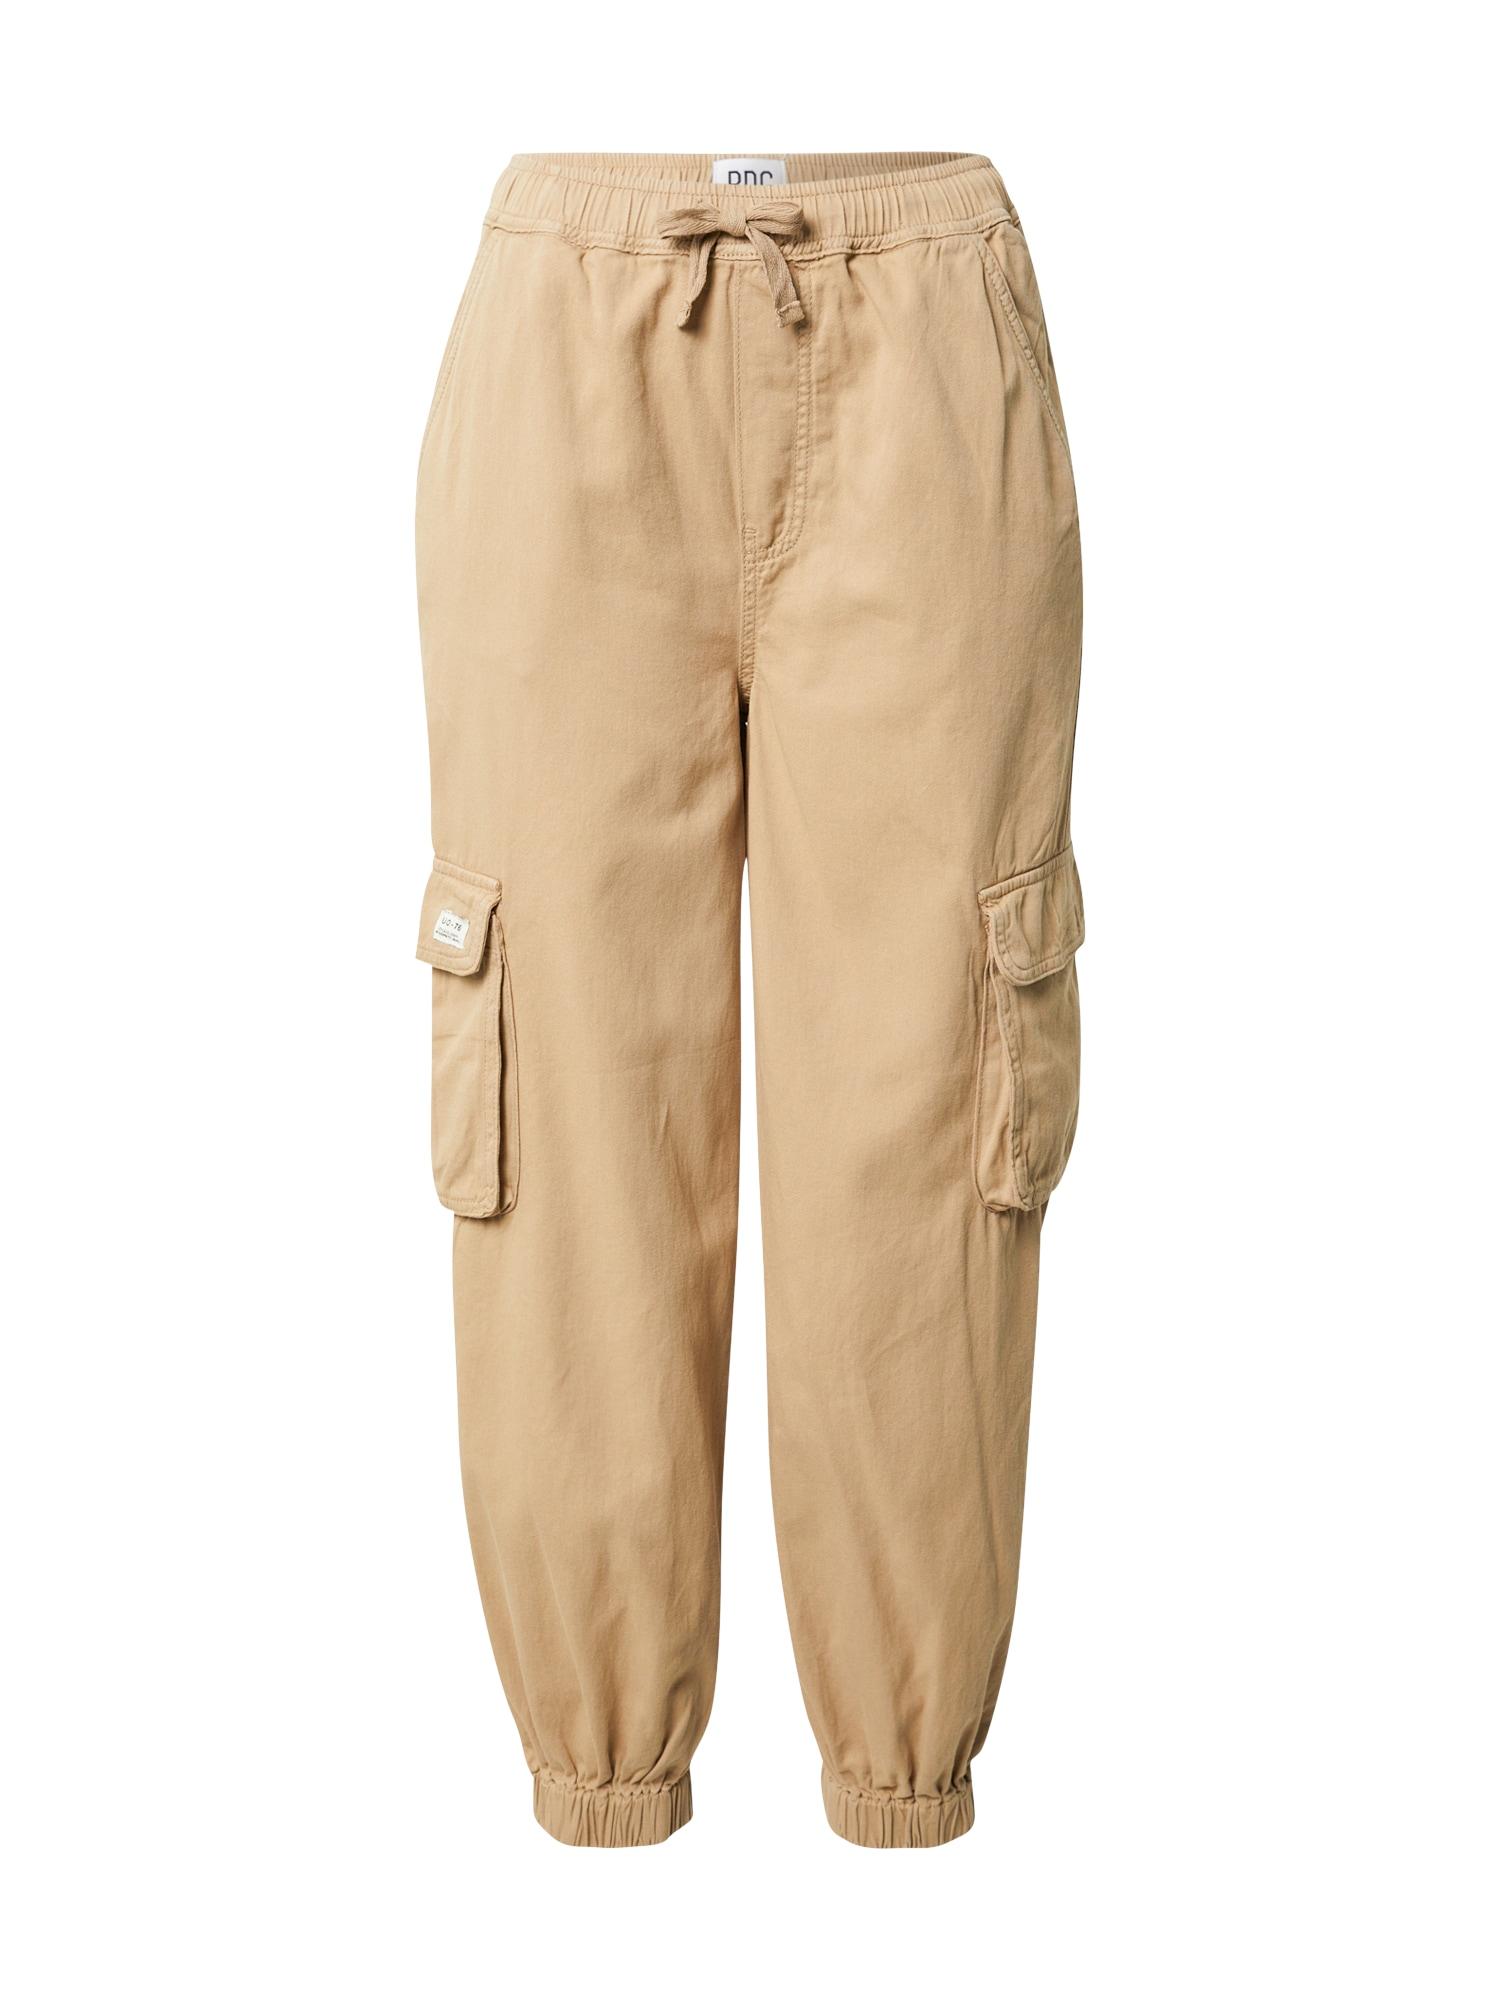 BDG Urban Outfitters Laisvo stiliaus kelnės